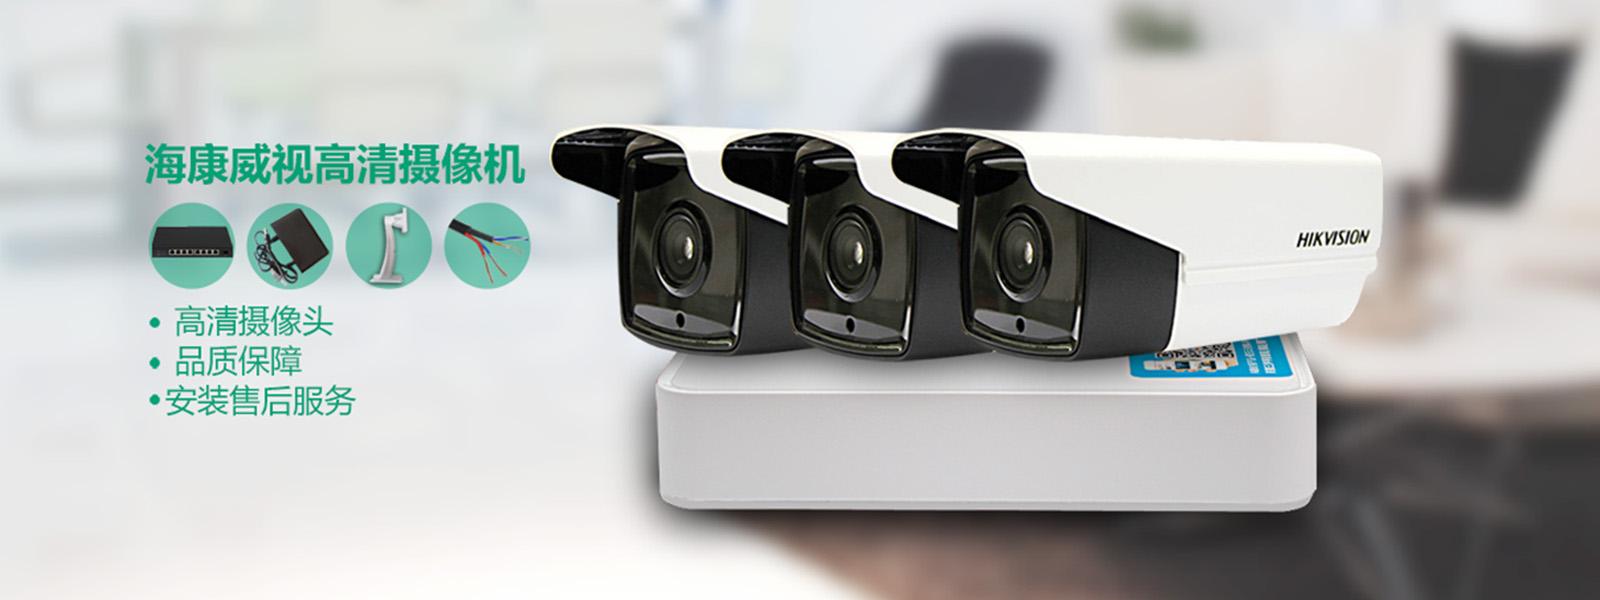 高清監控攝像頭